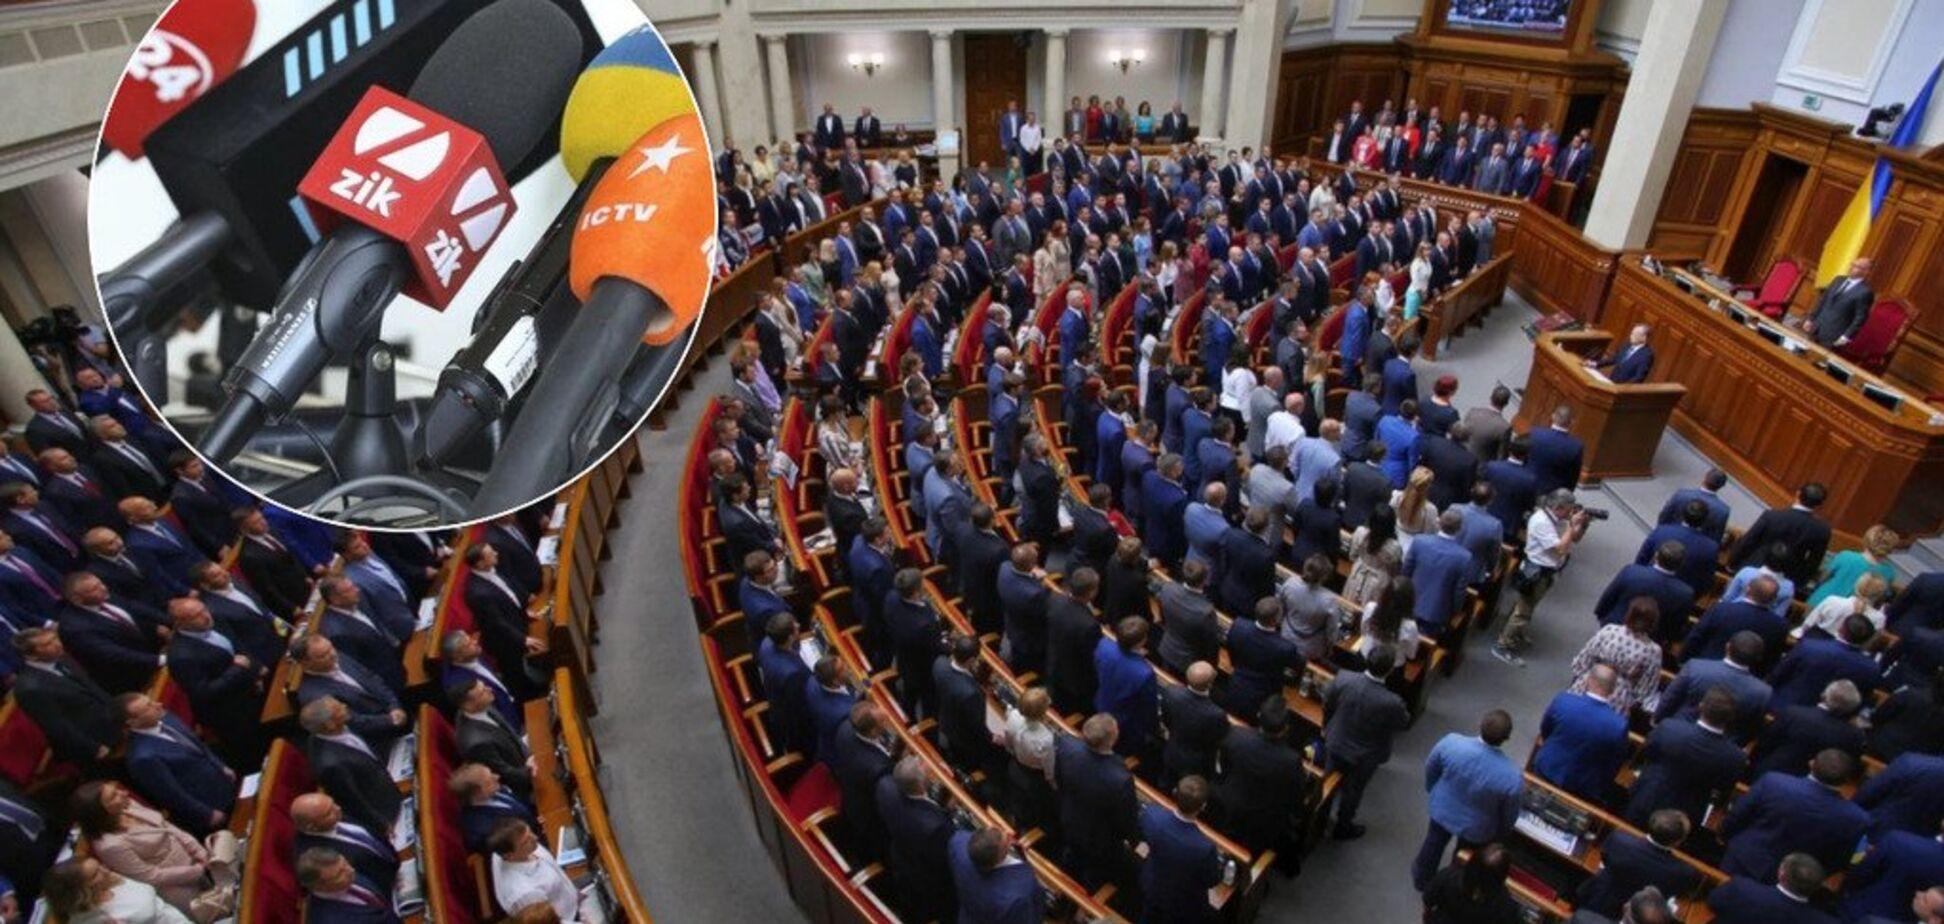 Тюрьма за пост и контроль новостей: чем угрожает украинцам новый закон о СМИ от команды Зе